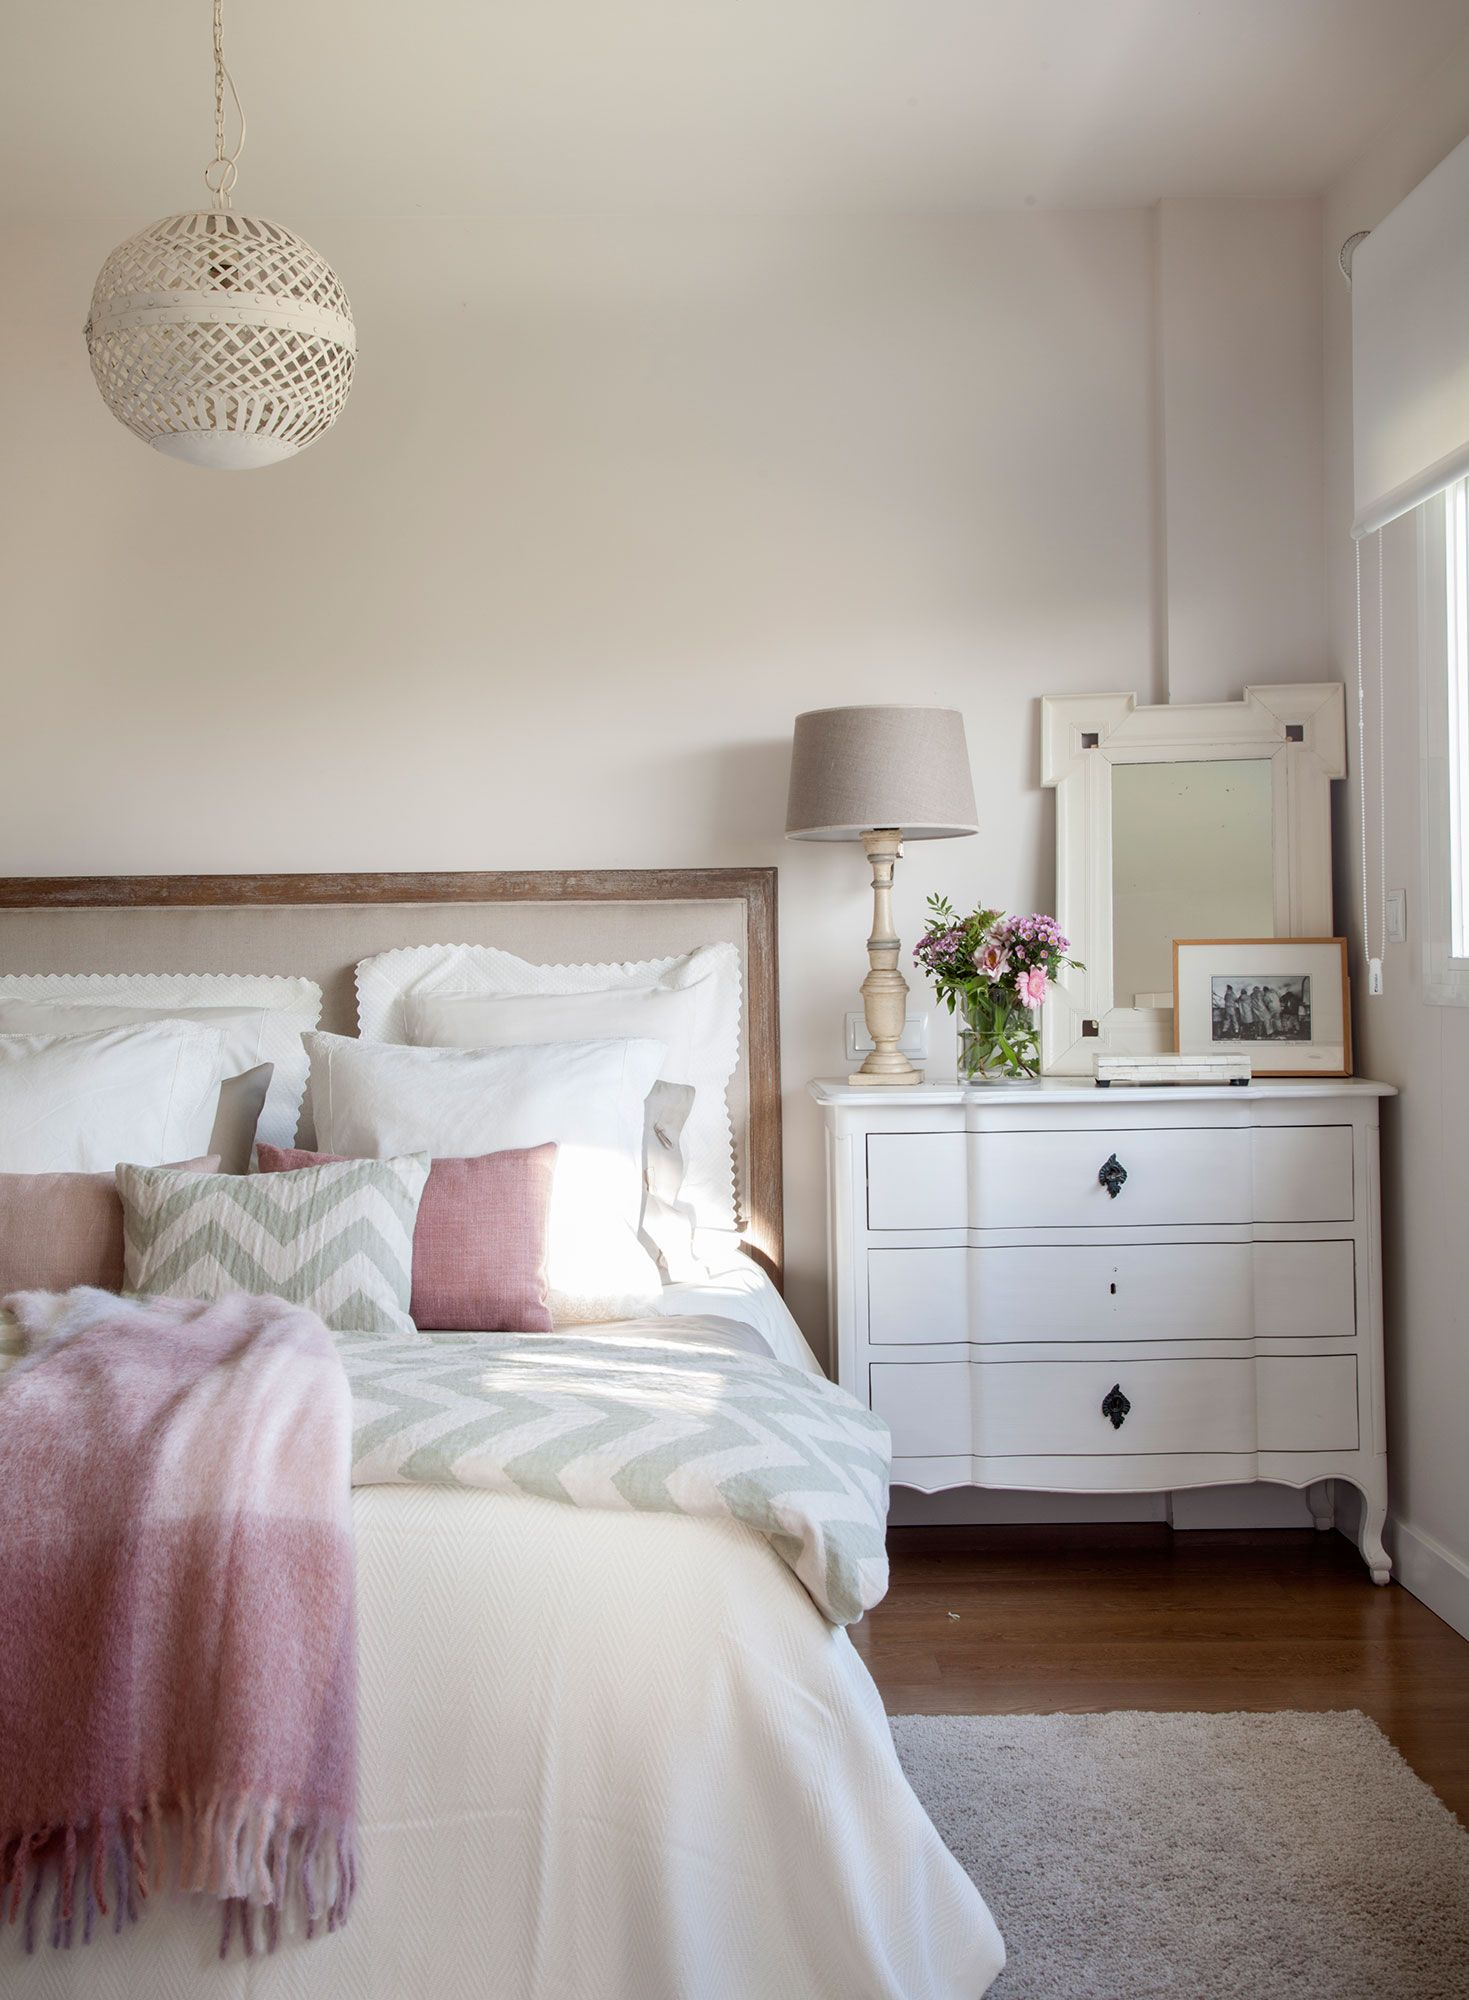 Mesillas de noche para el dormitorio decoraci n for Mesitas de noche maison du monde